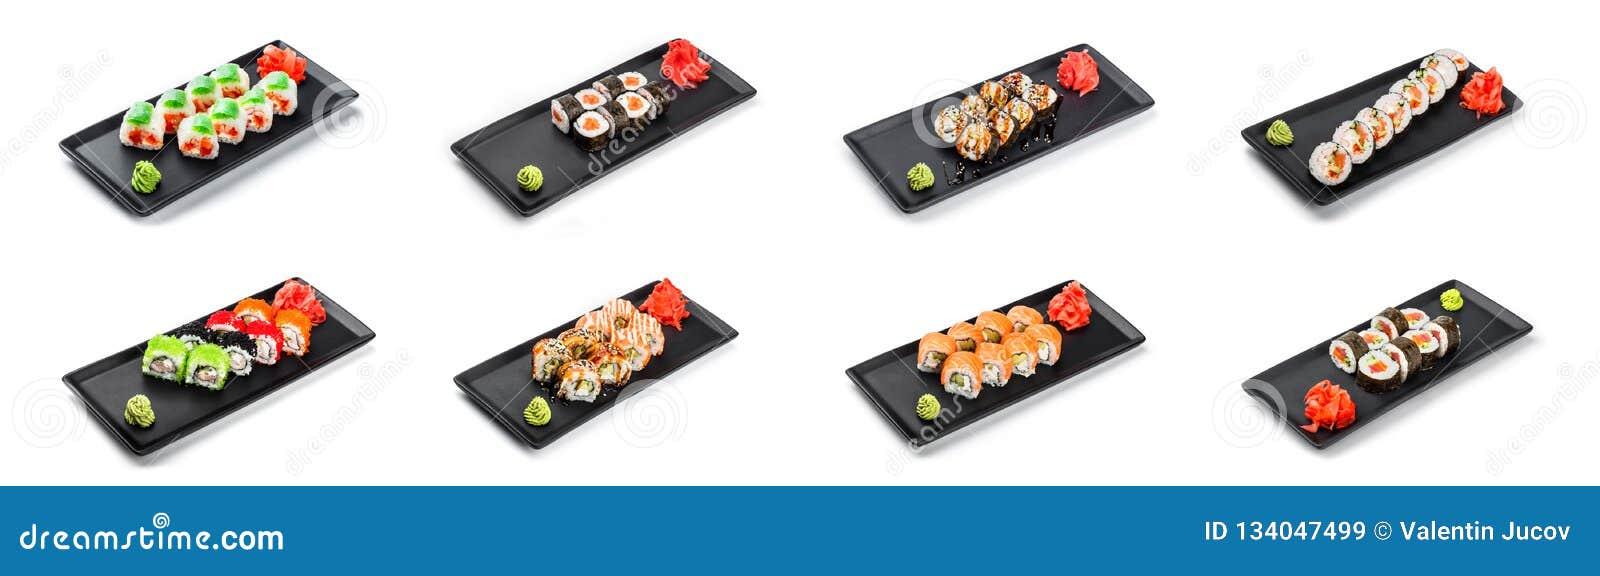 Großer Satz Sushi-Rolle - Maki Sushi auf dem Schwarzblech lokalisiert über weißem Hintergrund